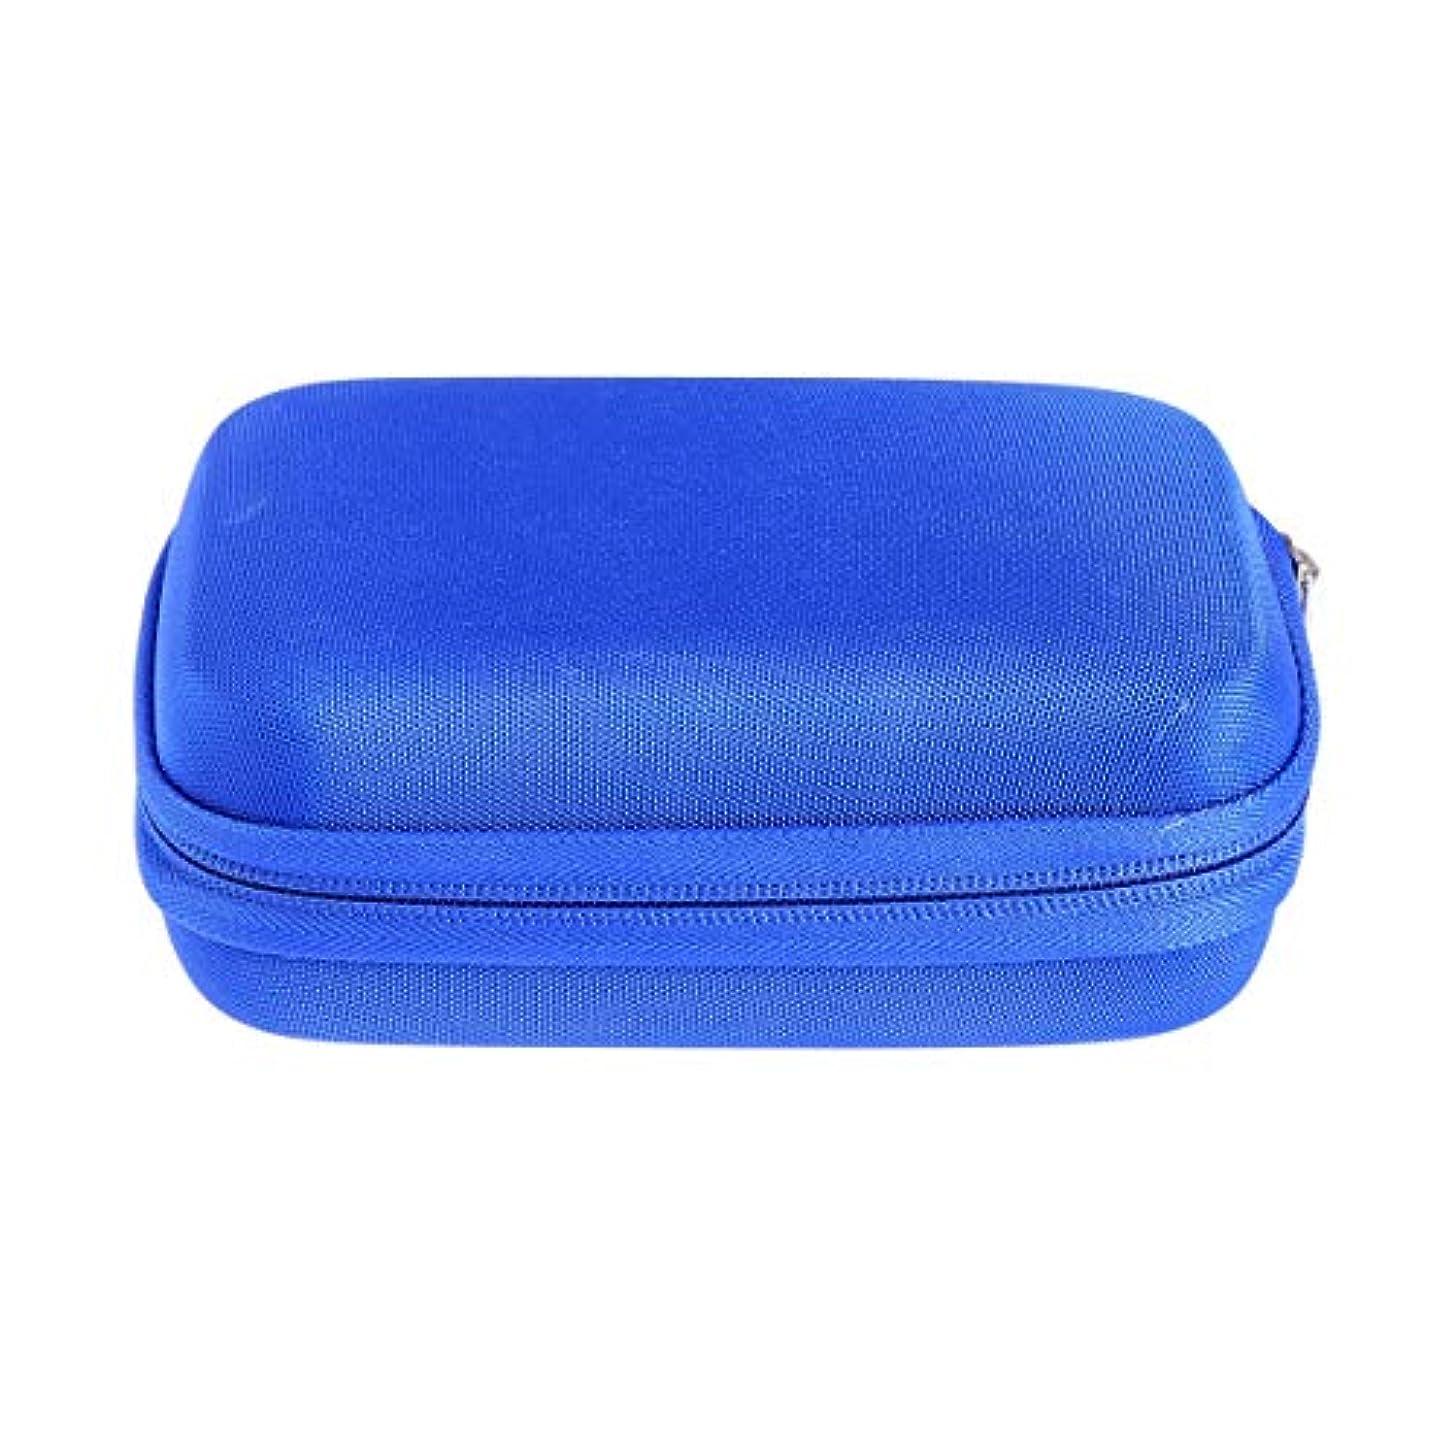 オーバーコート可愛いアークSUPVOX エッセンシャルオイルバッグキャリングケースオーガナイザーローラーボトル収納袋10スロットハードシェルオイルケースホルダー(ブルー)